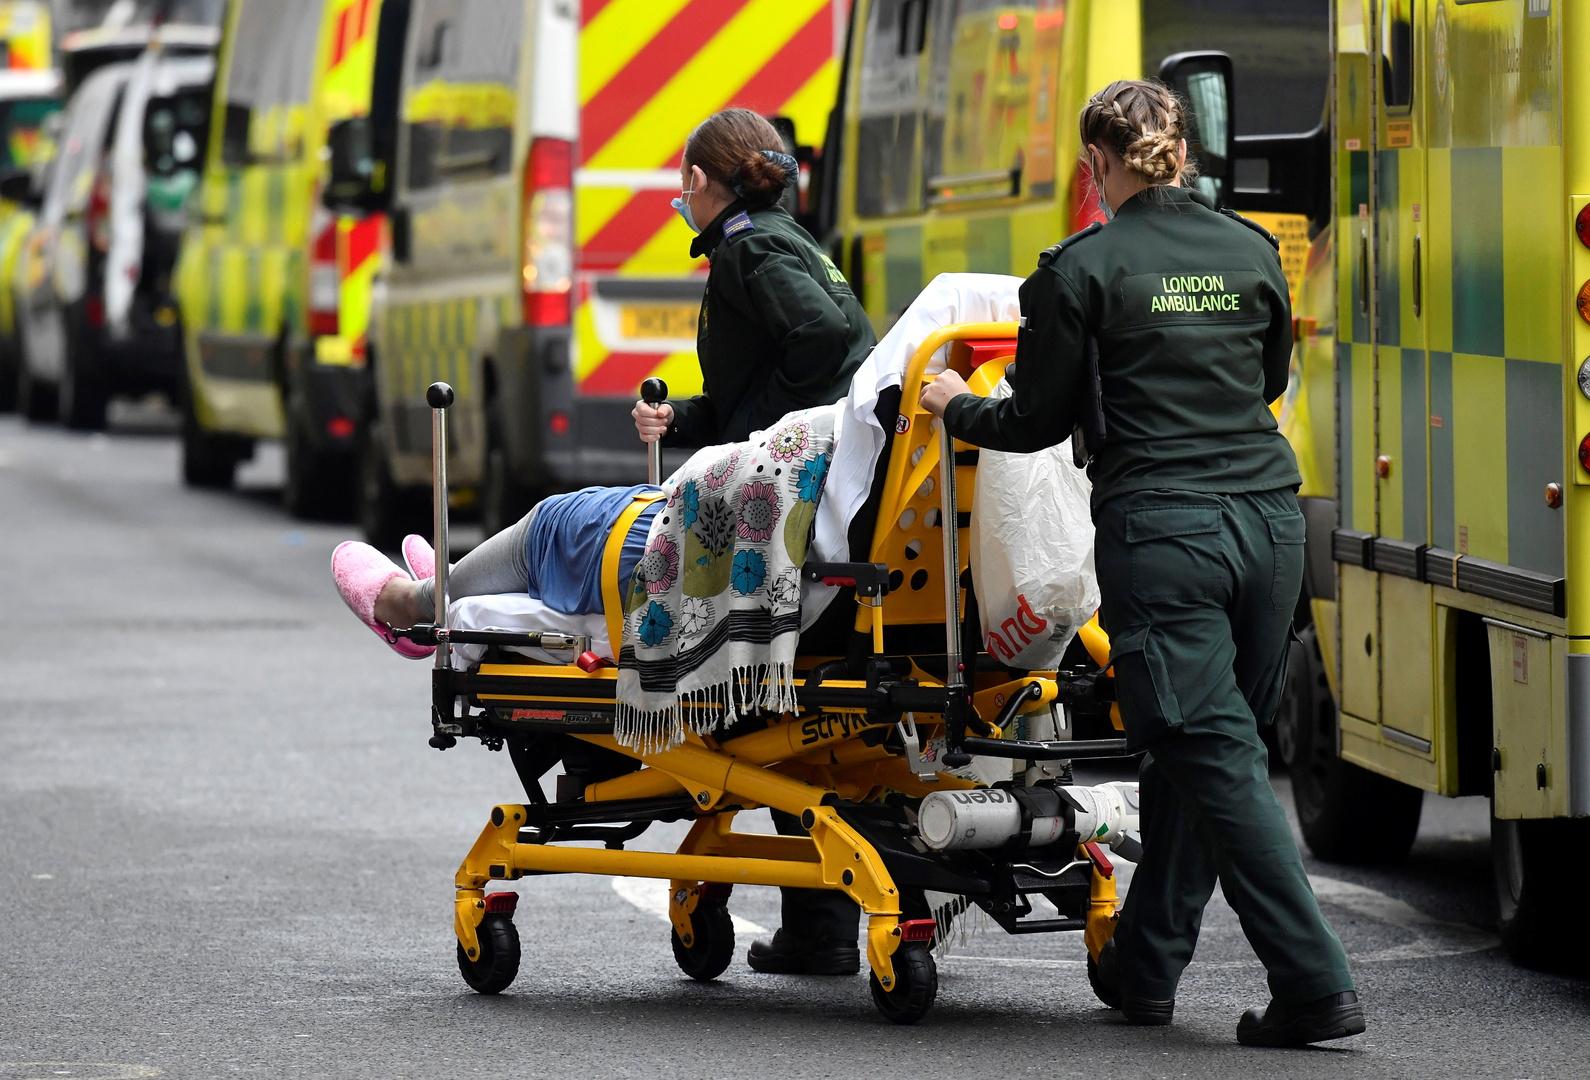 جونسون: أتحمل مسؤولية ارتفاع أعداد الوفيات بكورونا